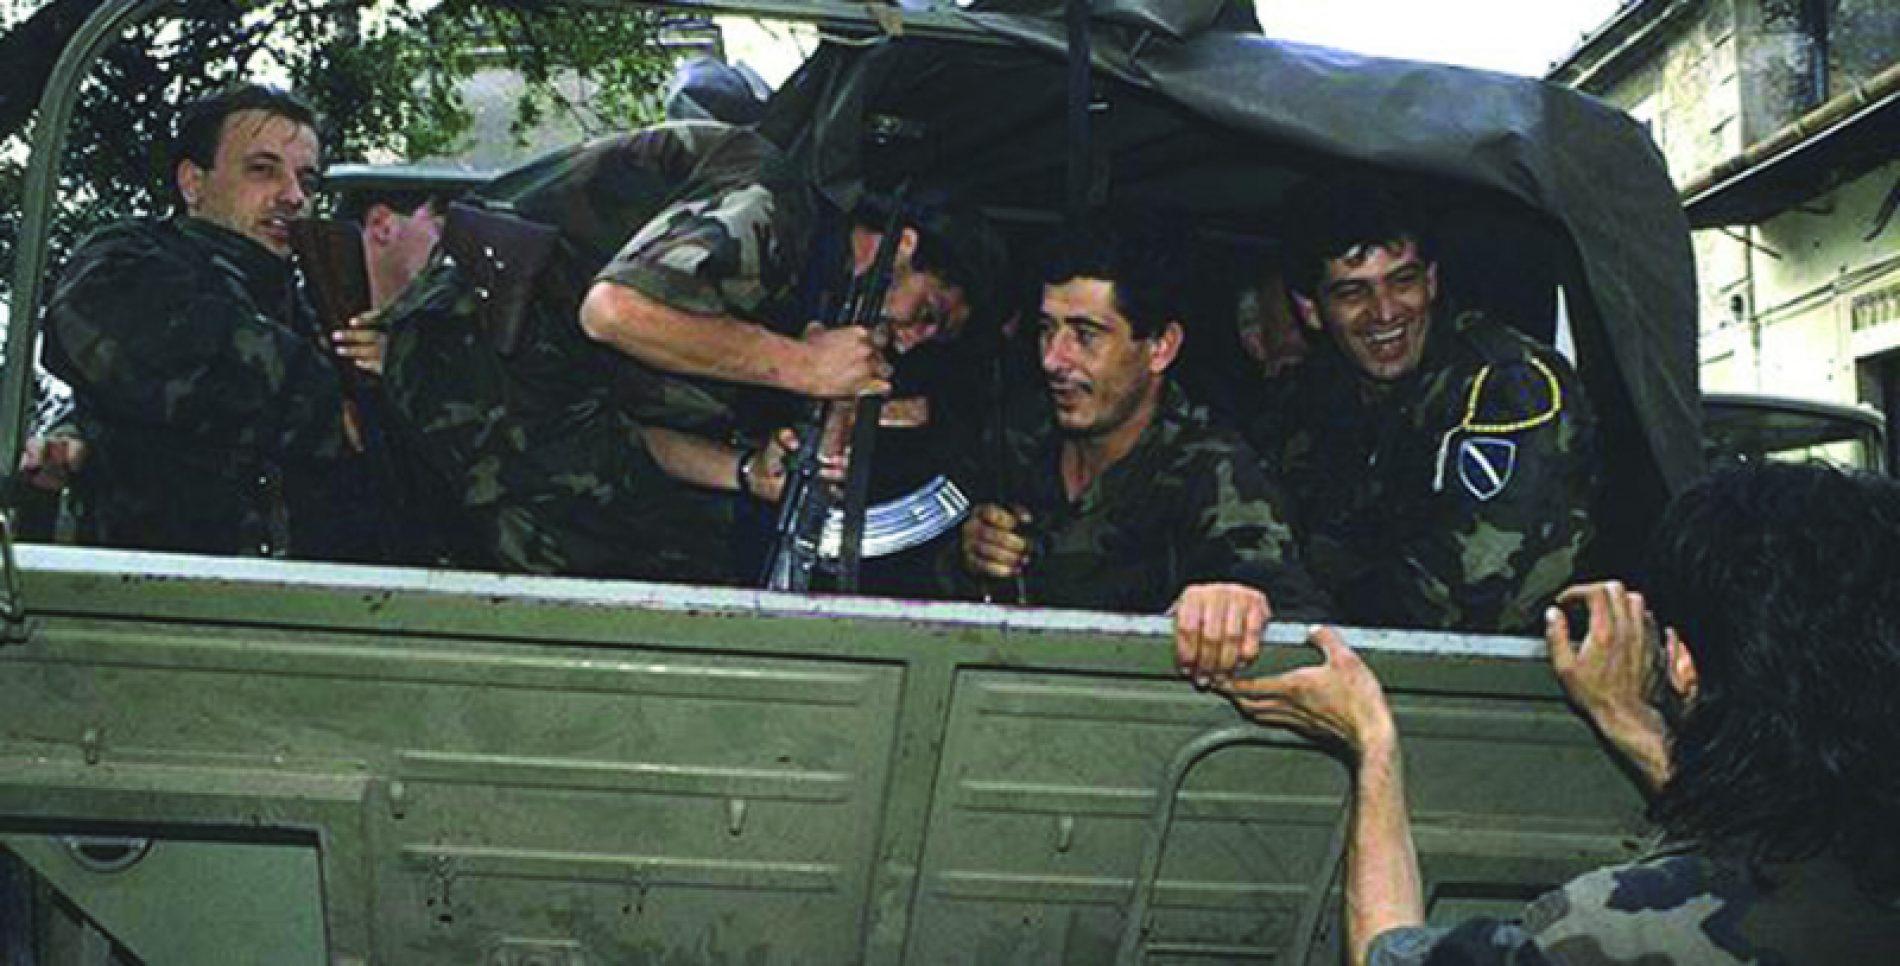 Obilježena godišnjica deblokade Mostara i pogibije komandanta Hujdura